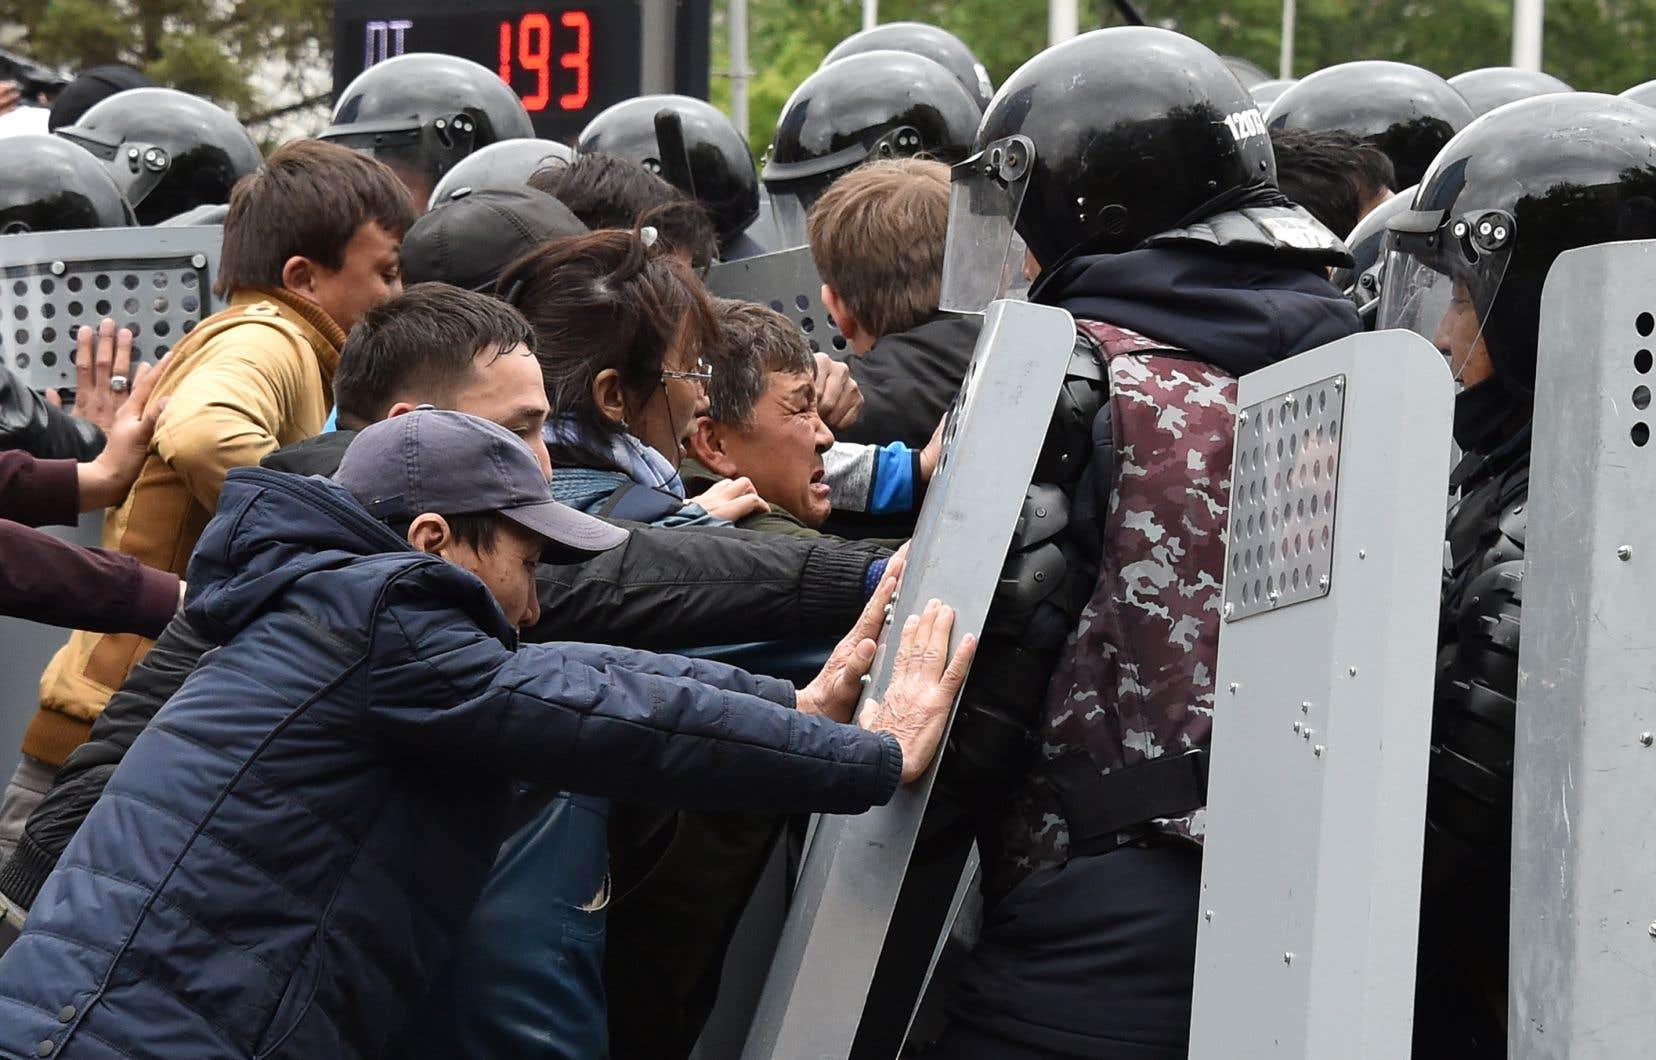 «Honte! Honte! Honte!» ou encore «La police de notre côté!», criaient certains manifestants à Almaty avant que les forces de l'ordre ne dispersent le rassemblement.